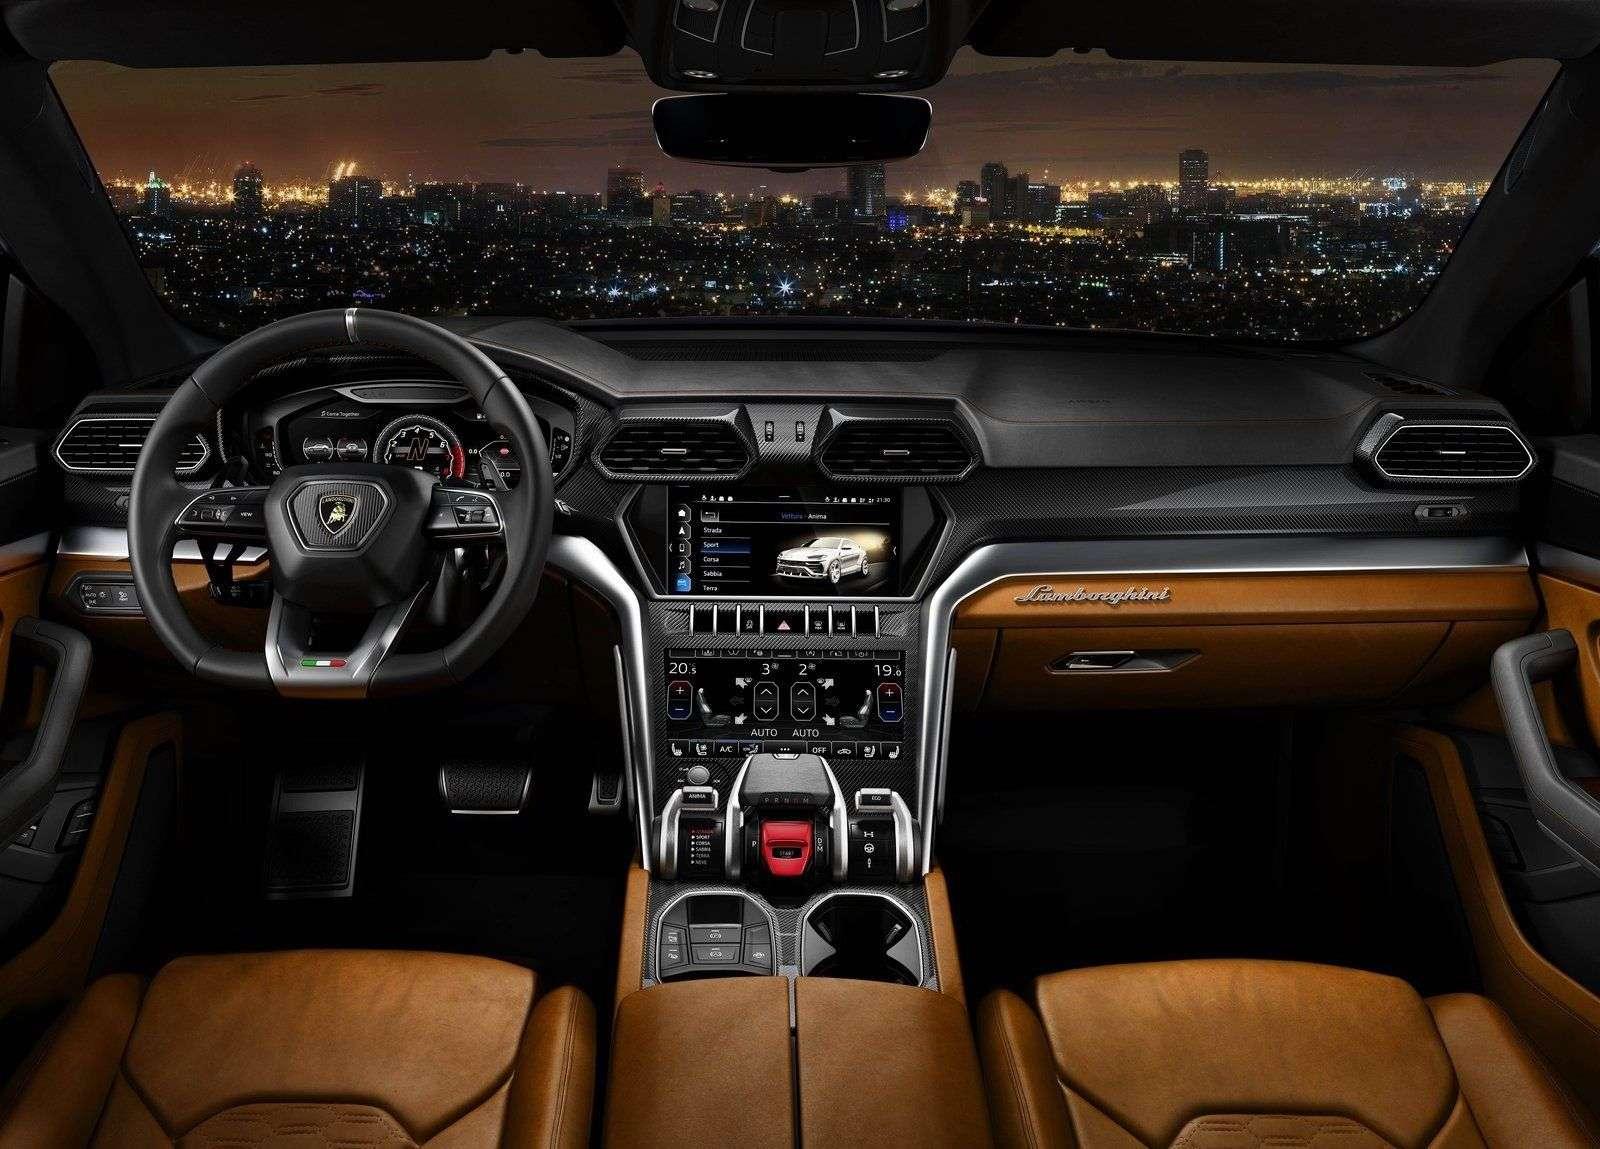 1512663104 interer lamborghini urus 2019 - Обзор кроссовера Lamborghini Urus 2019